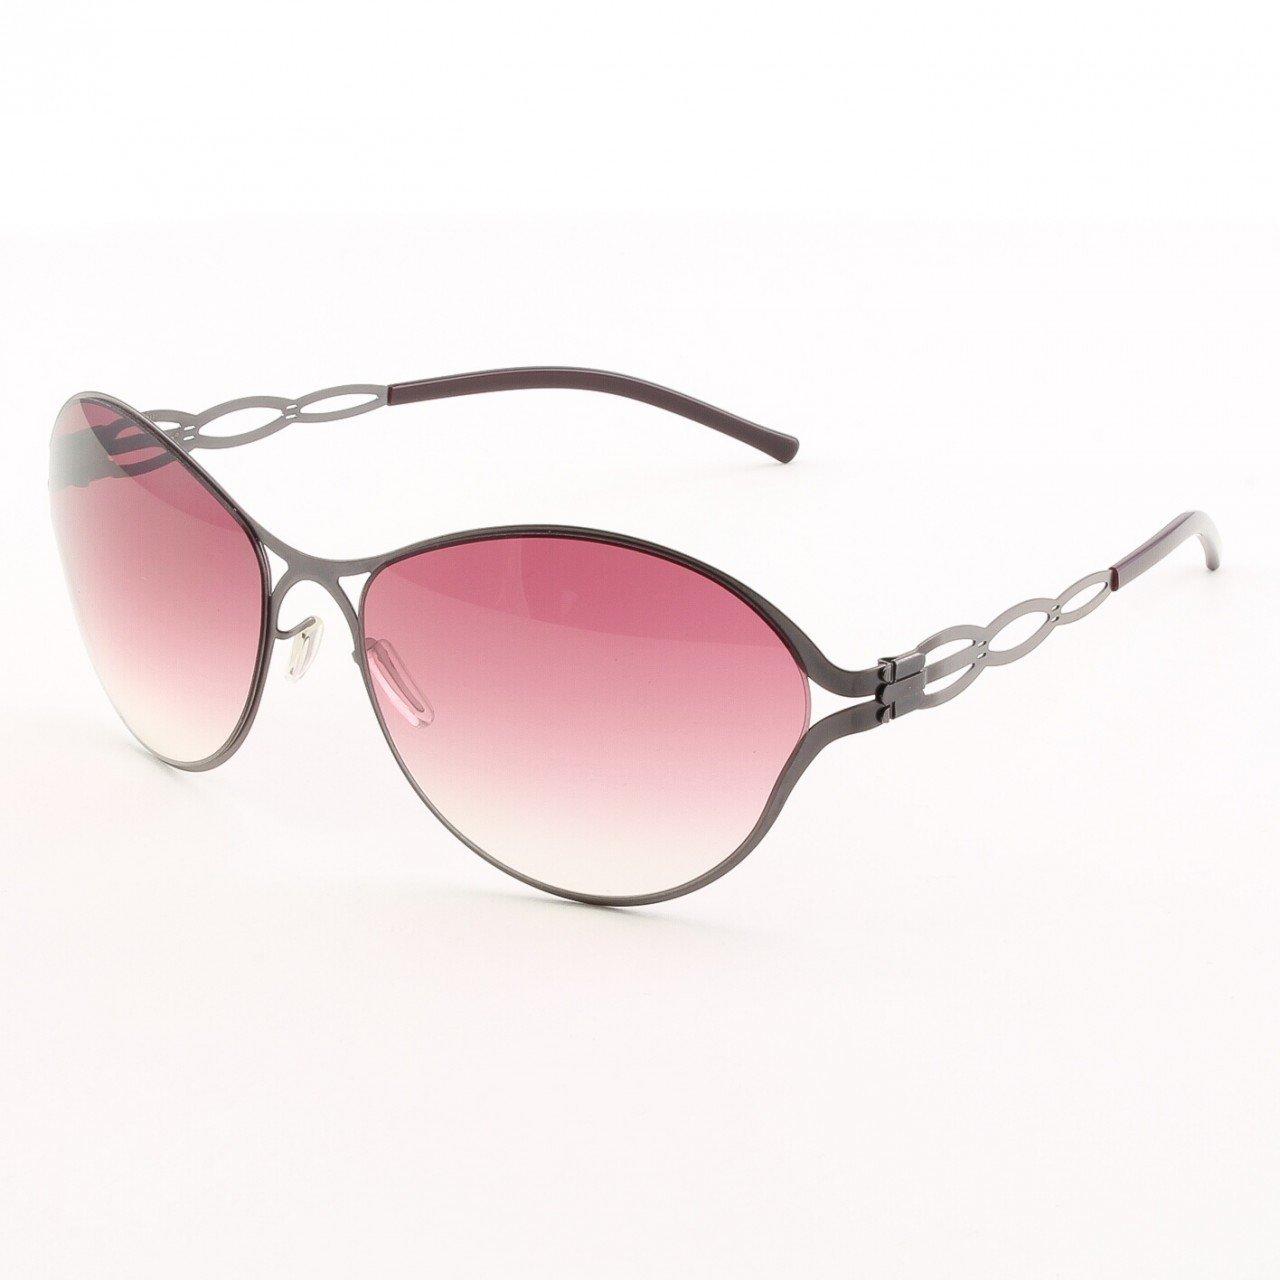 ic! Berlin Sensuelle Sunglasses Col. Aubergine with Rose Gradient Lenses